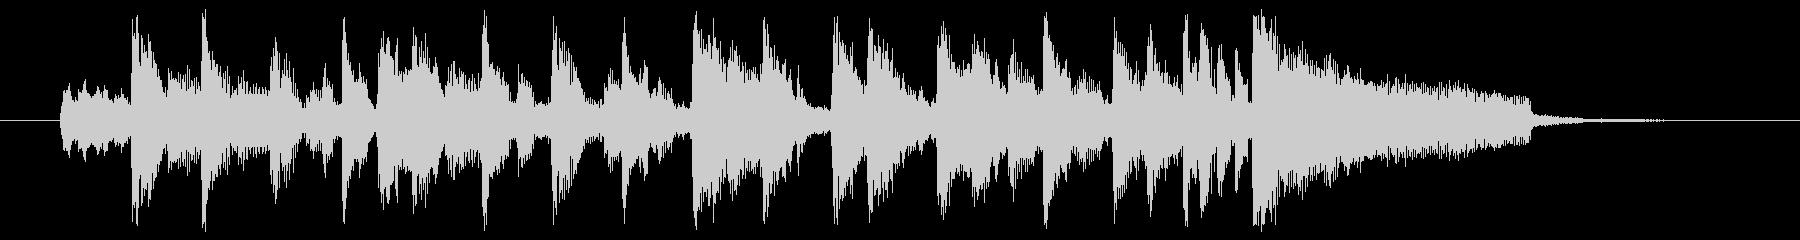 コーナータイトル_80Sの未再生の波形